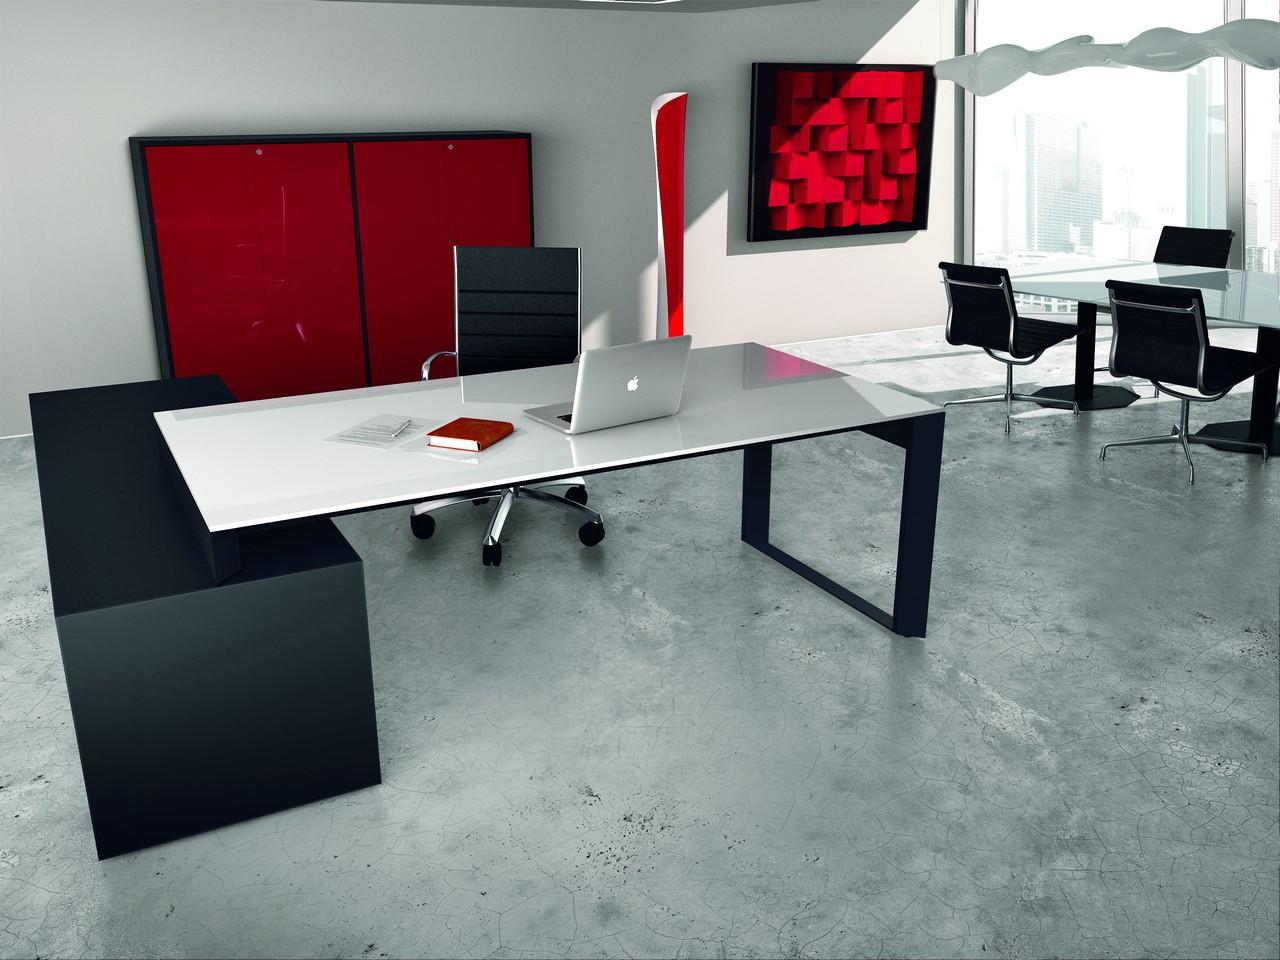 Biwo tu nueva oficina oficinas y despachos serie for Buscador de oficinas santander